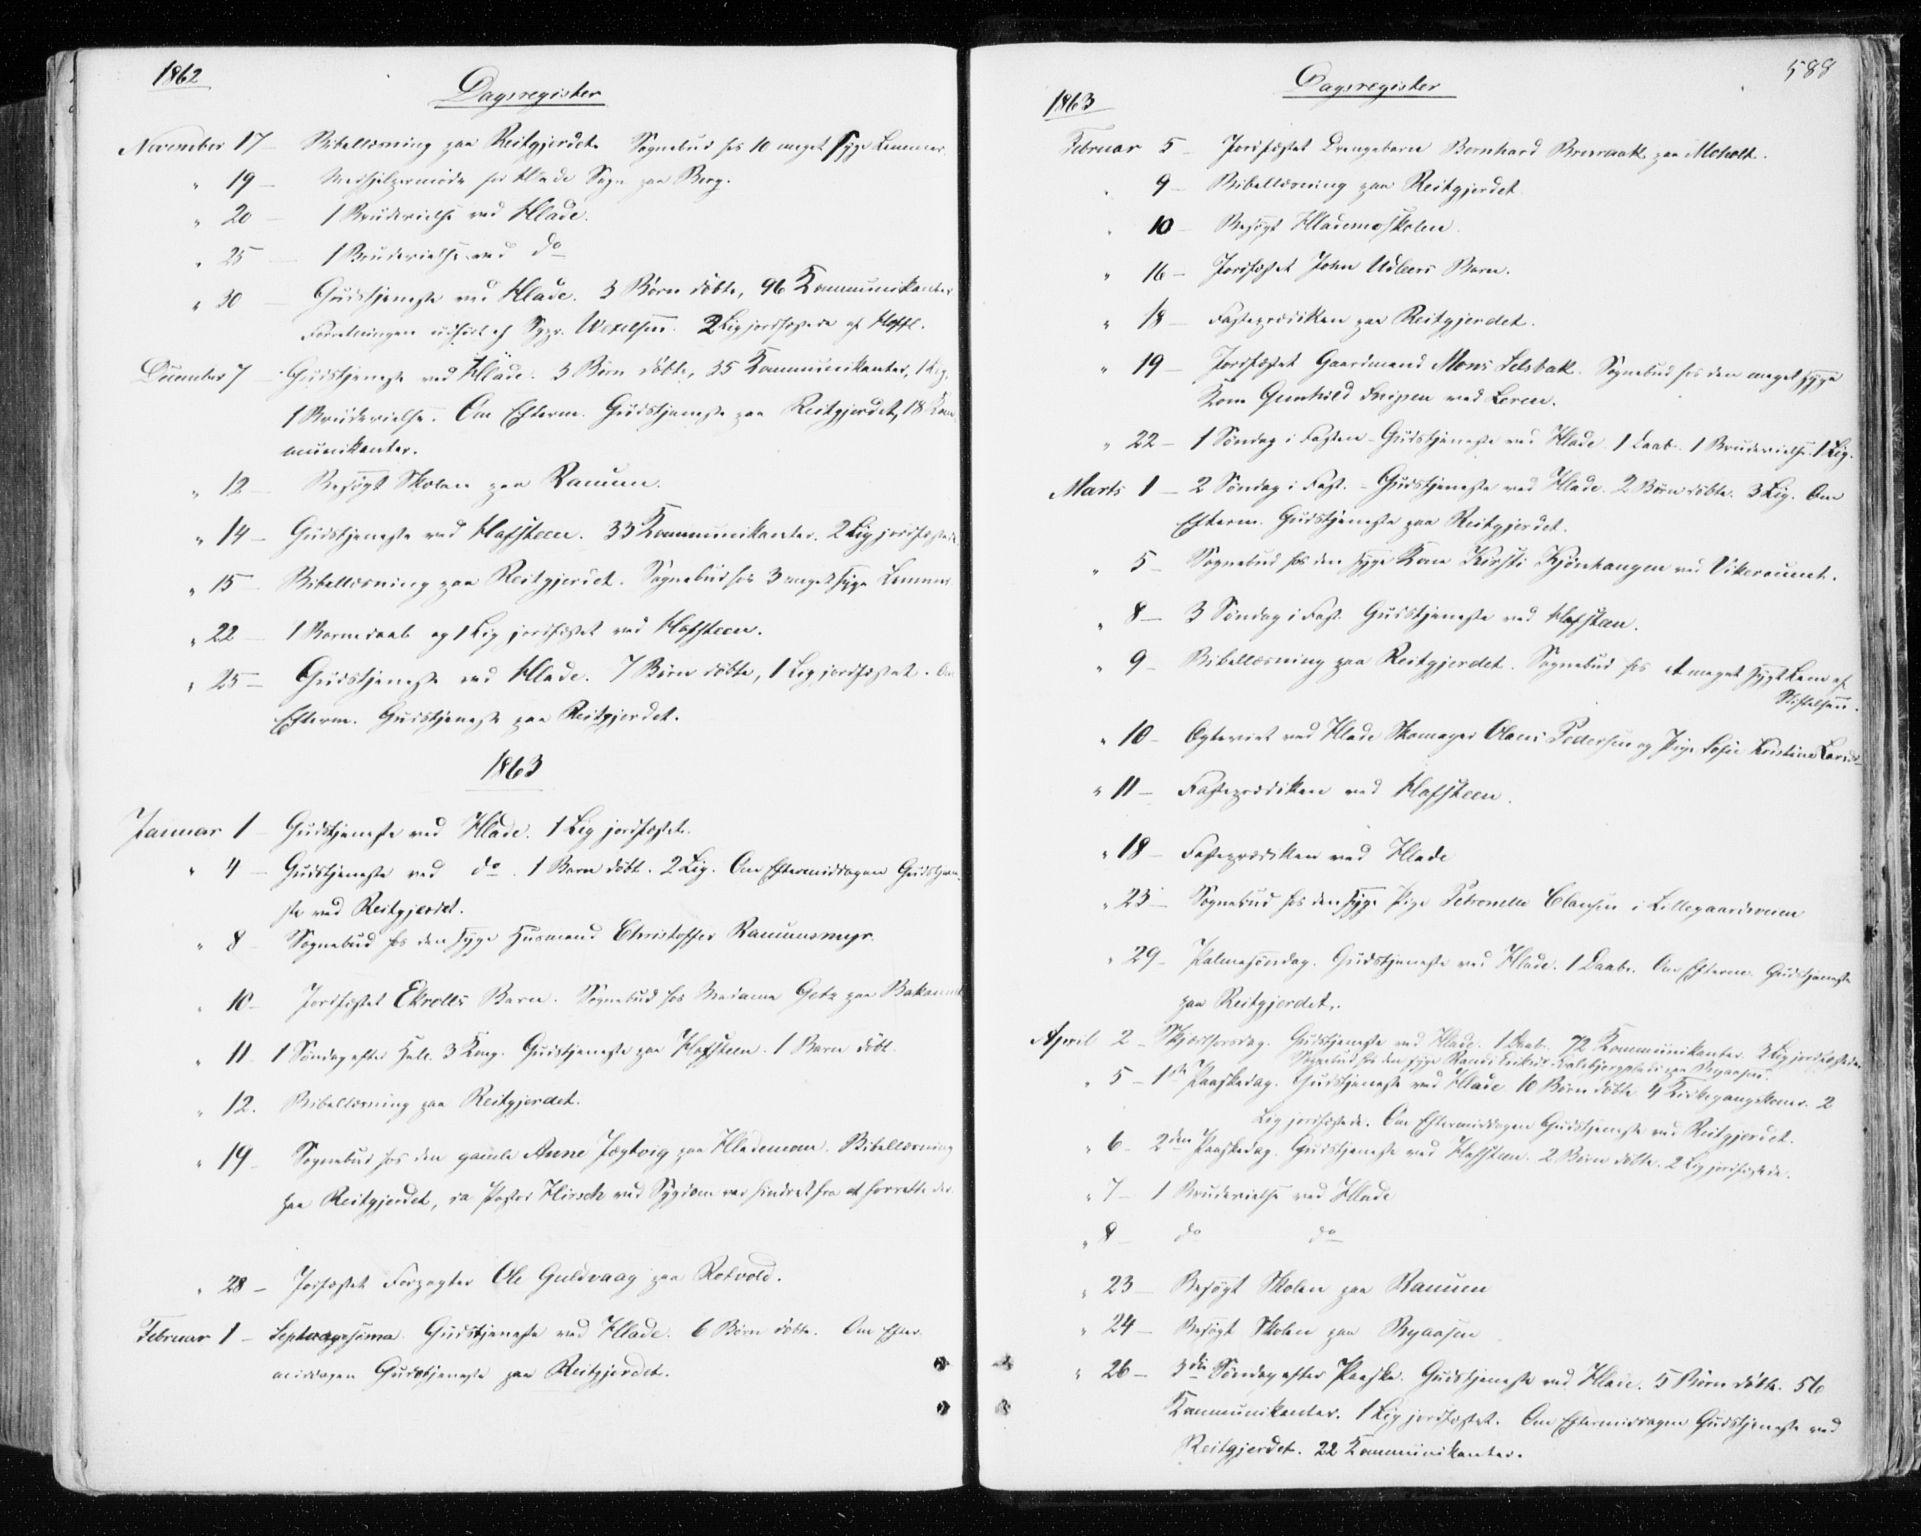 SAT, Ministerialprotokoller, klokkerbøker og fødselsregistre - Sør-Trøndelag, 606/L0292: Ministerialbok nr. 606A07, 1856-1865, s. 588